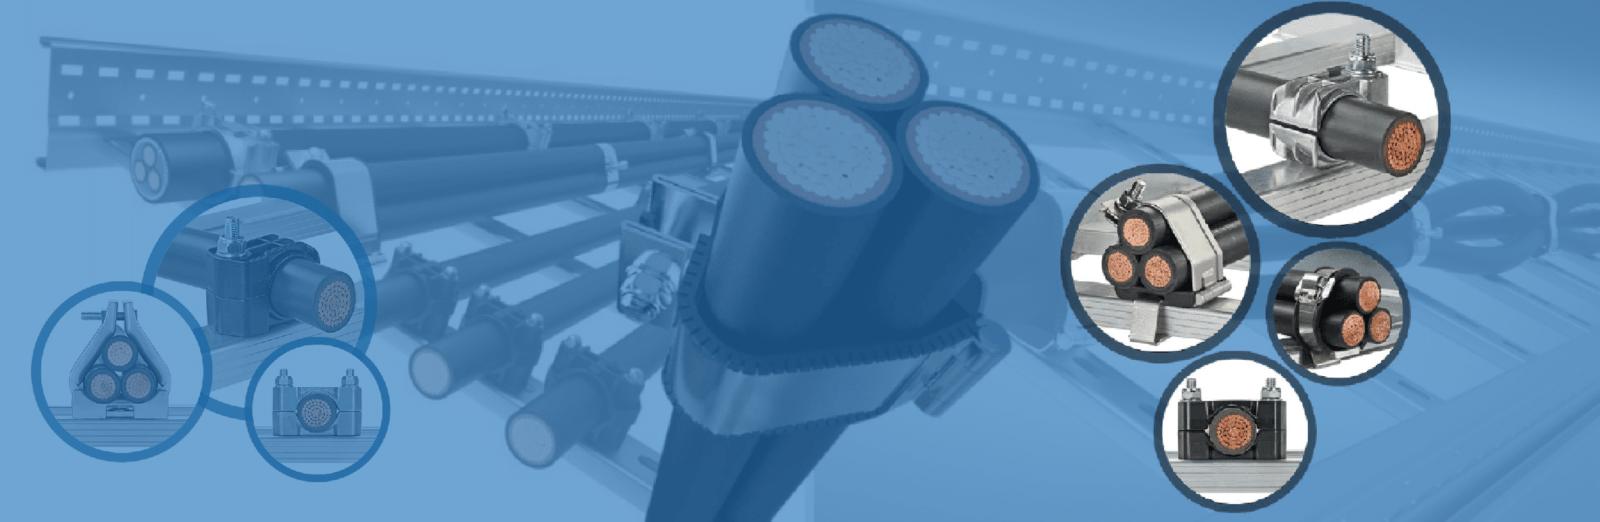 Кабельные зажимы для крепления силового кабеля с защитой от короткого замыкания